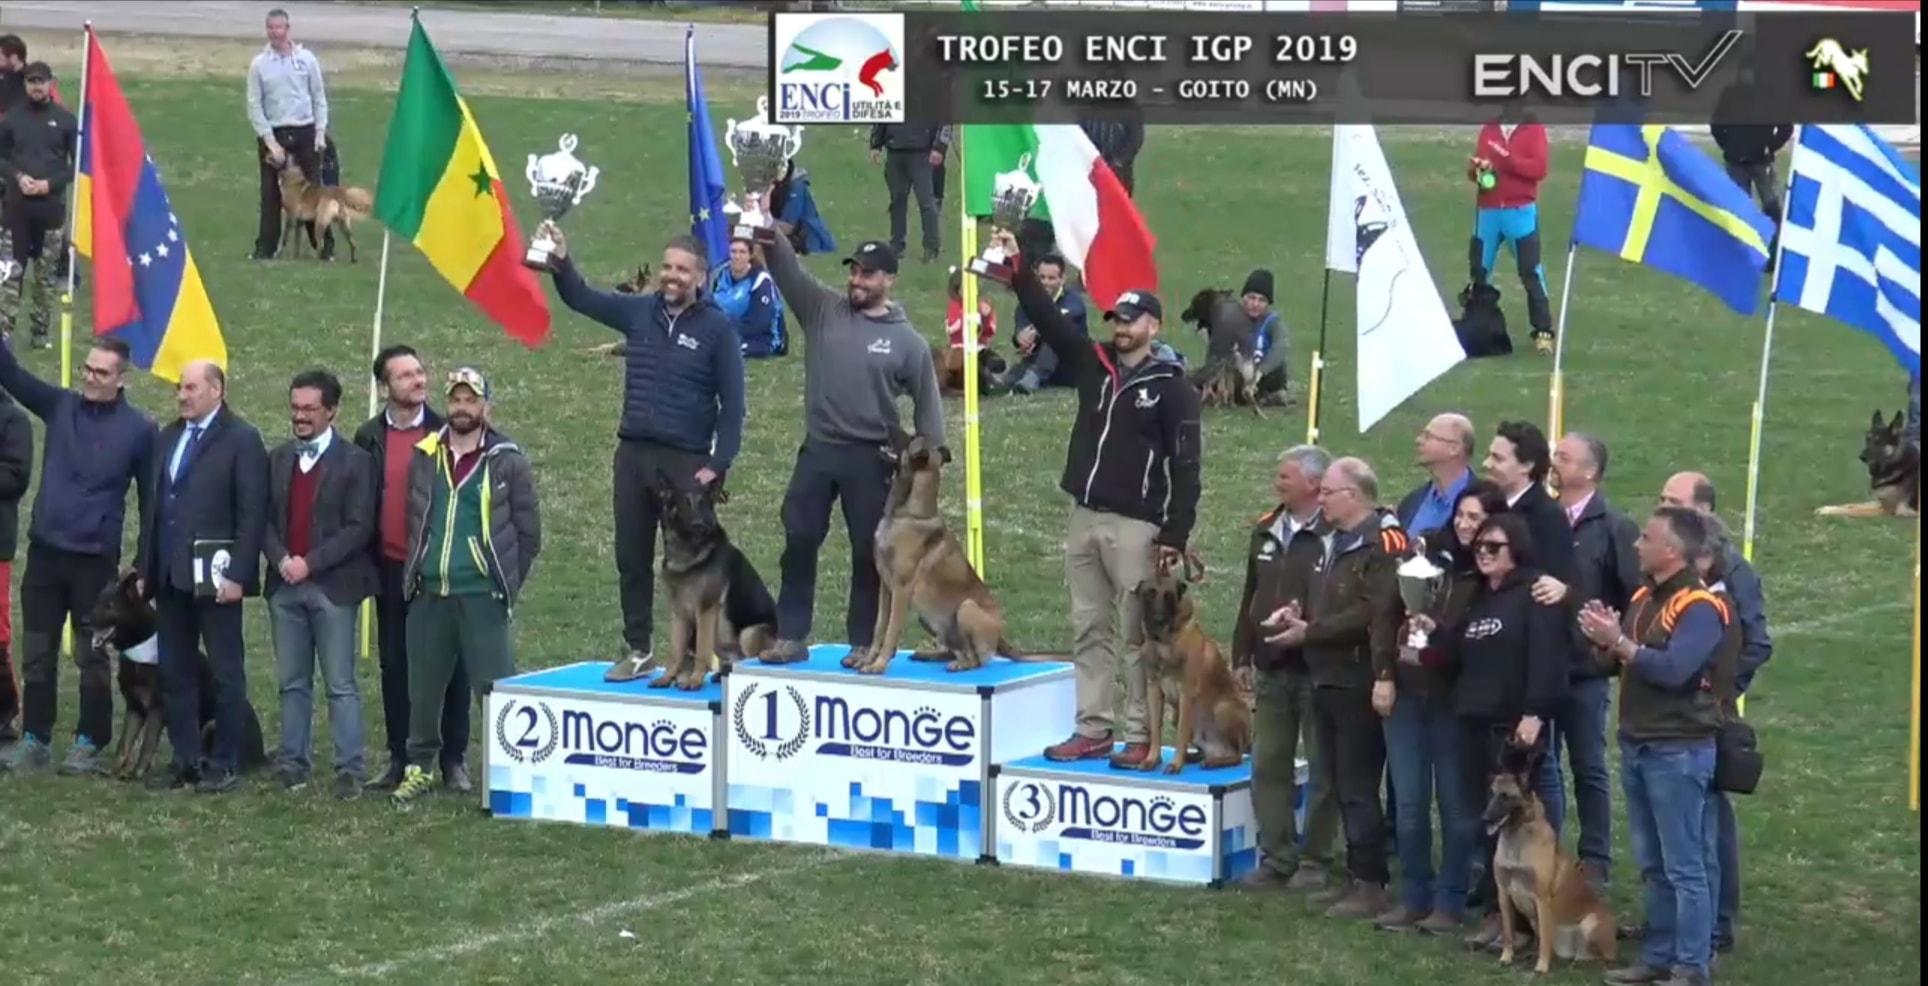 Trofeo Enci 2019 - GOITO